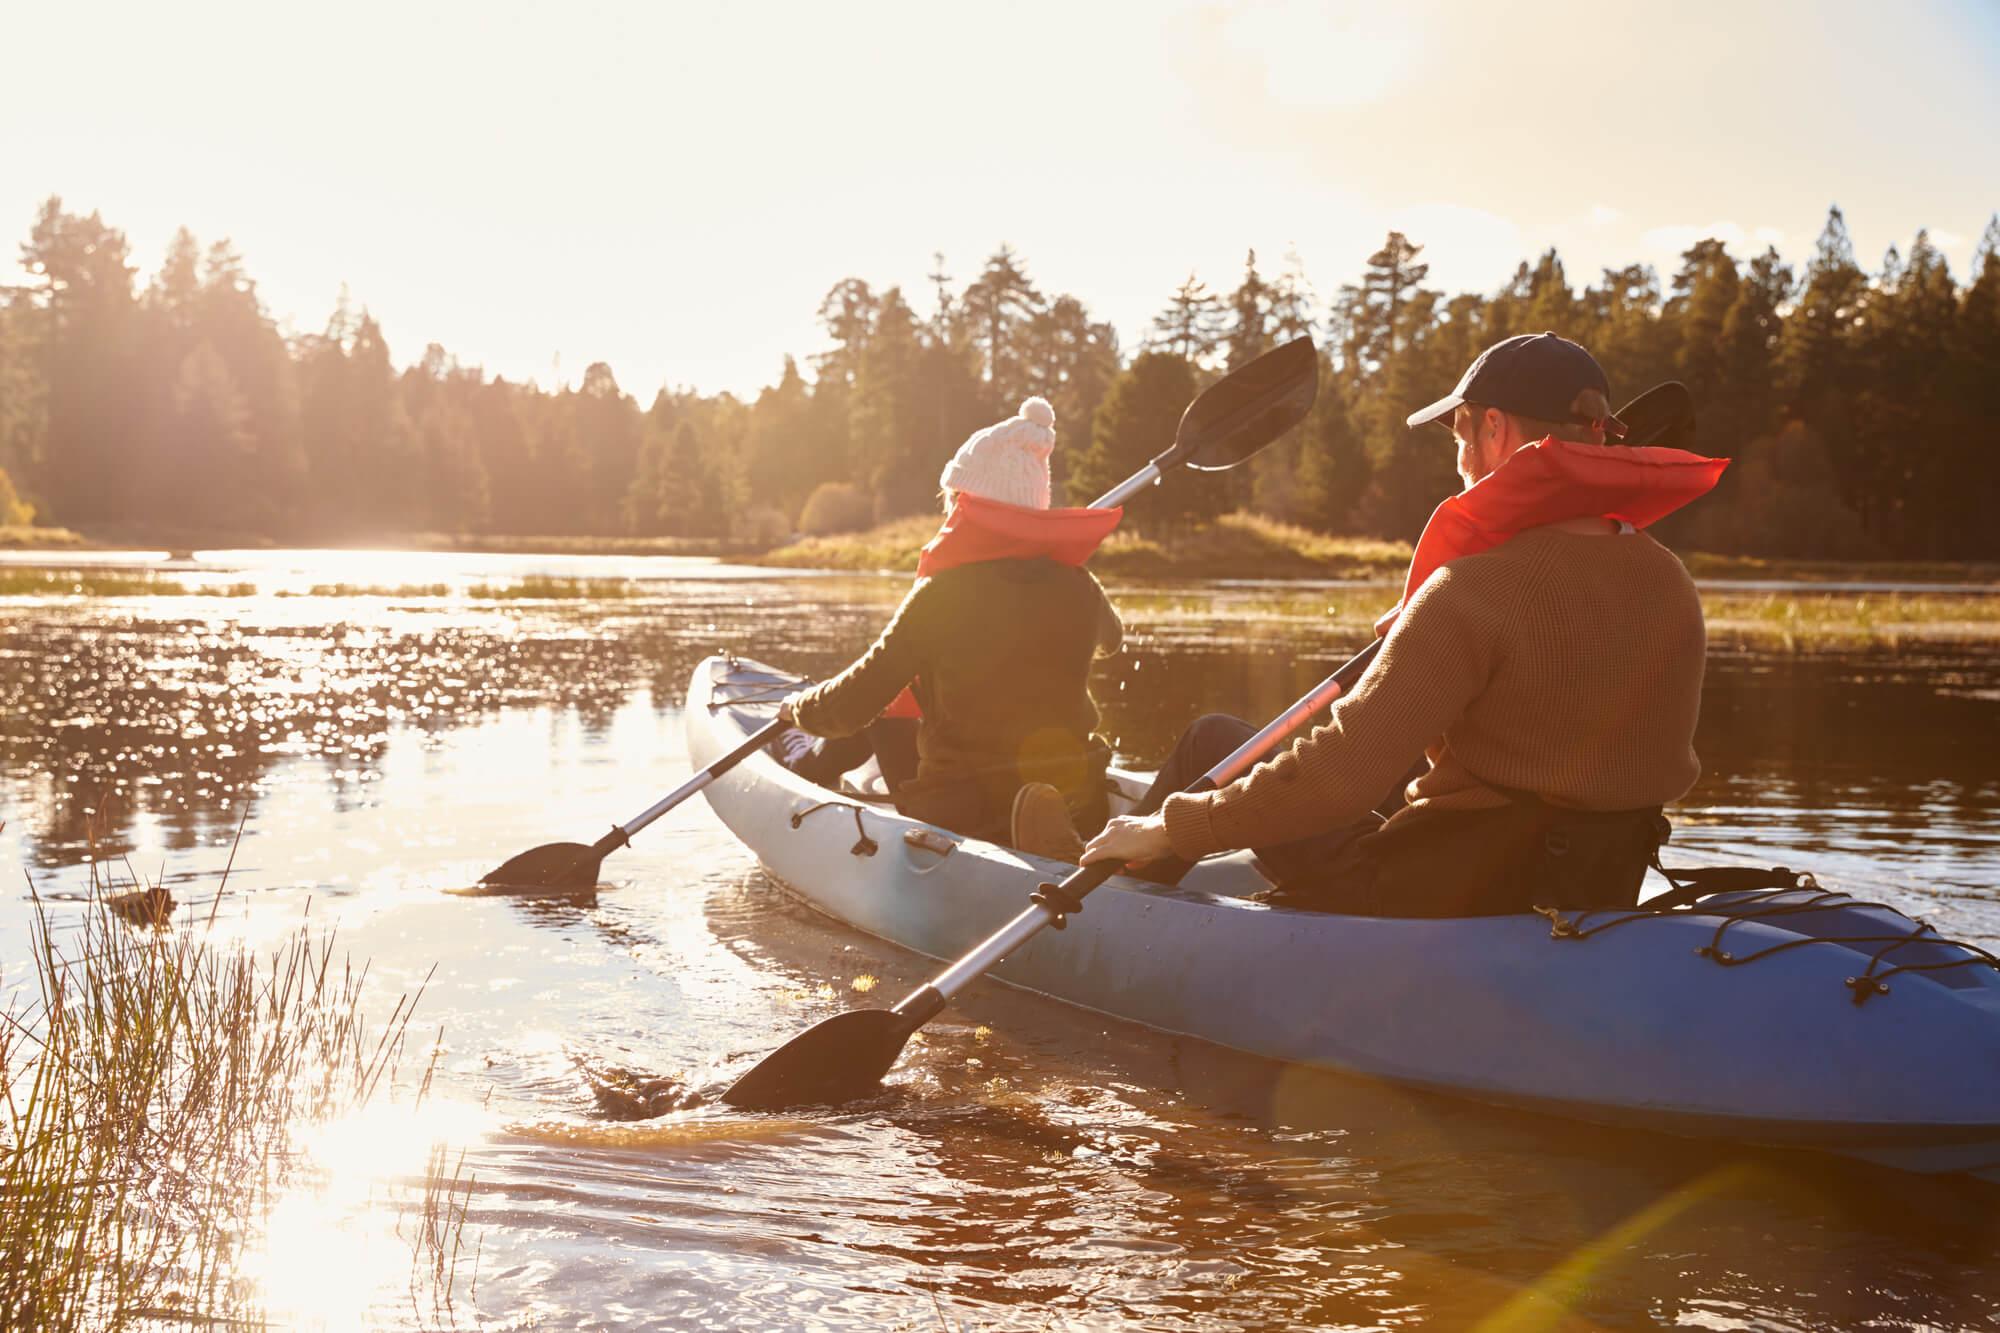 2 people on tandem kayak